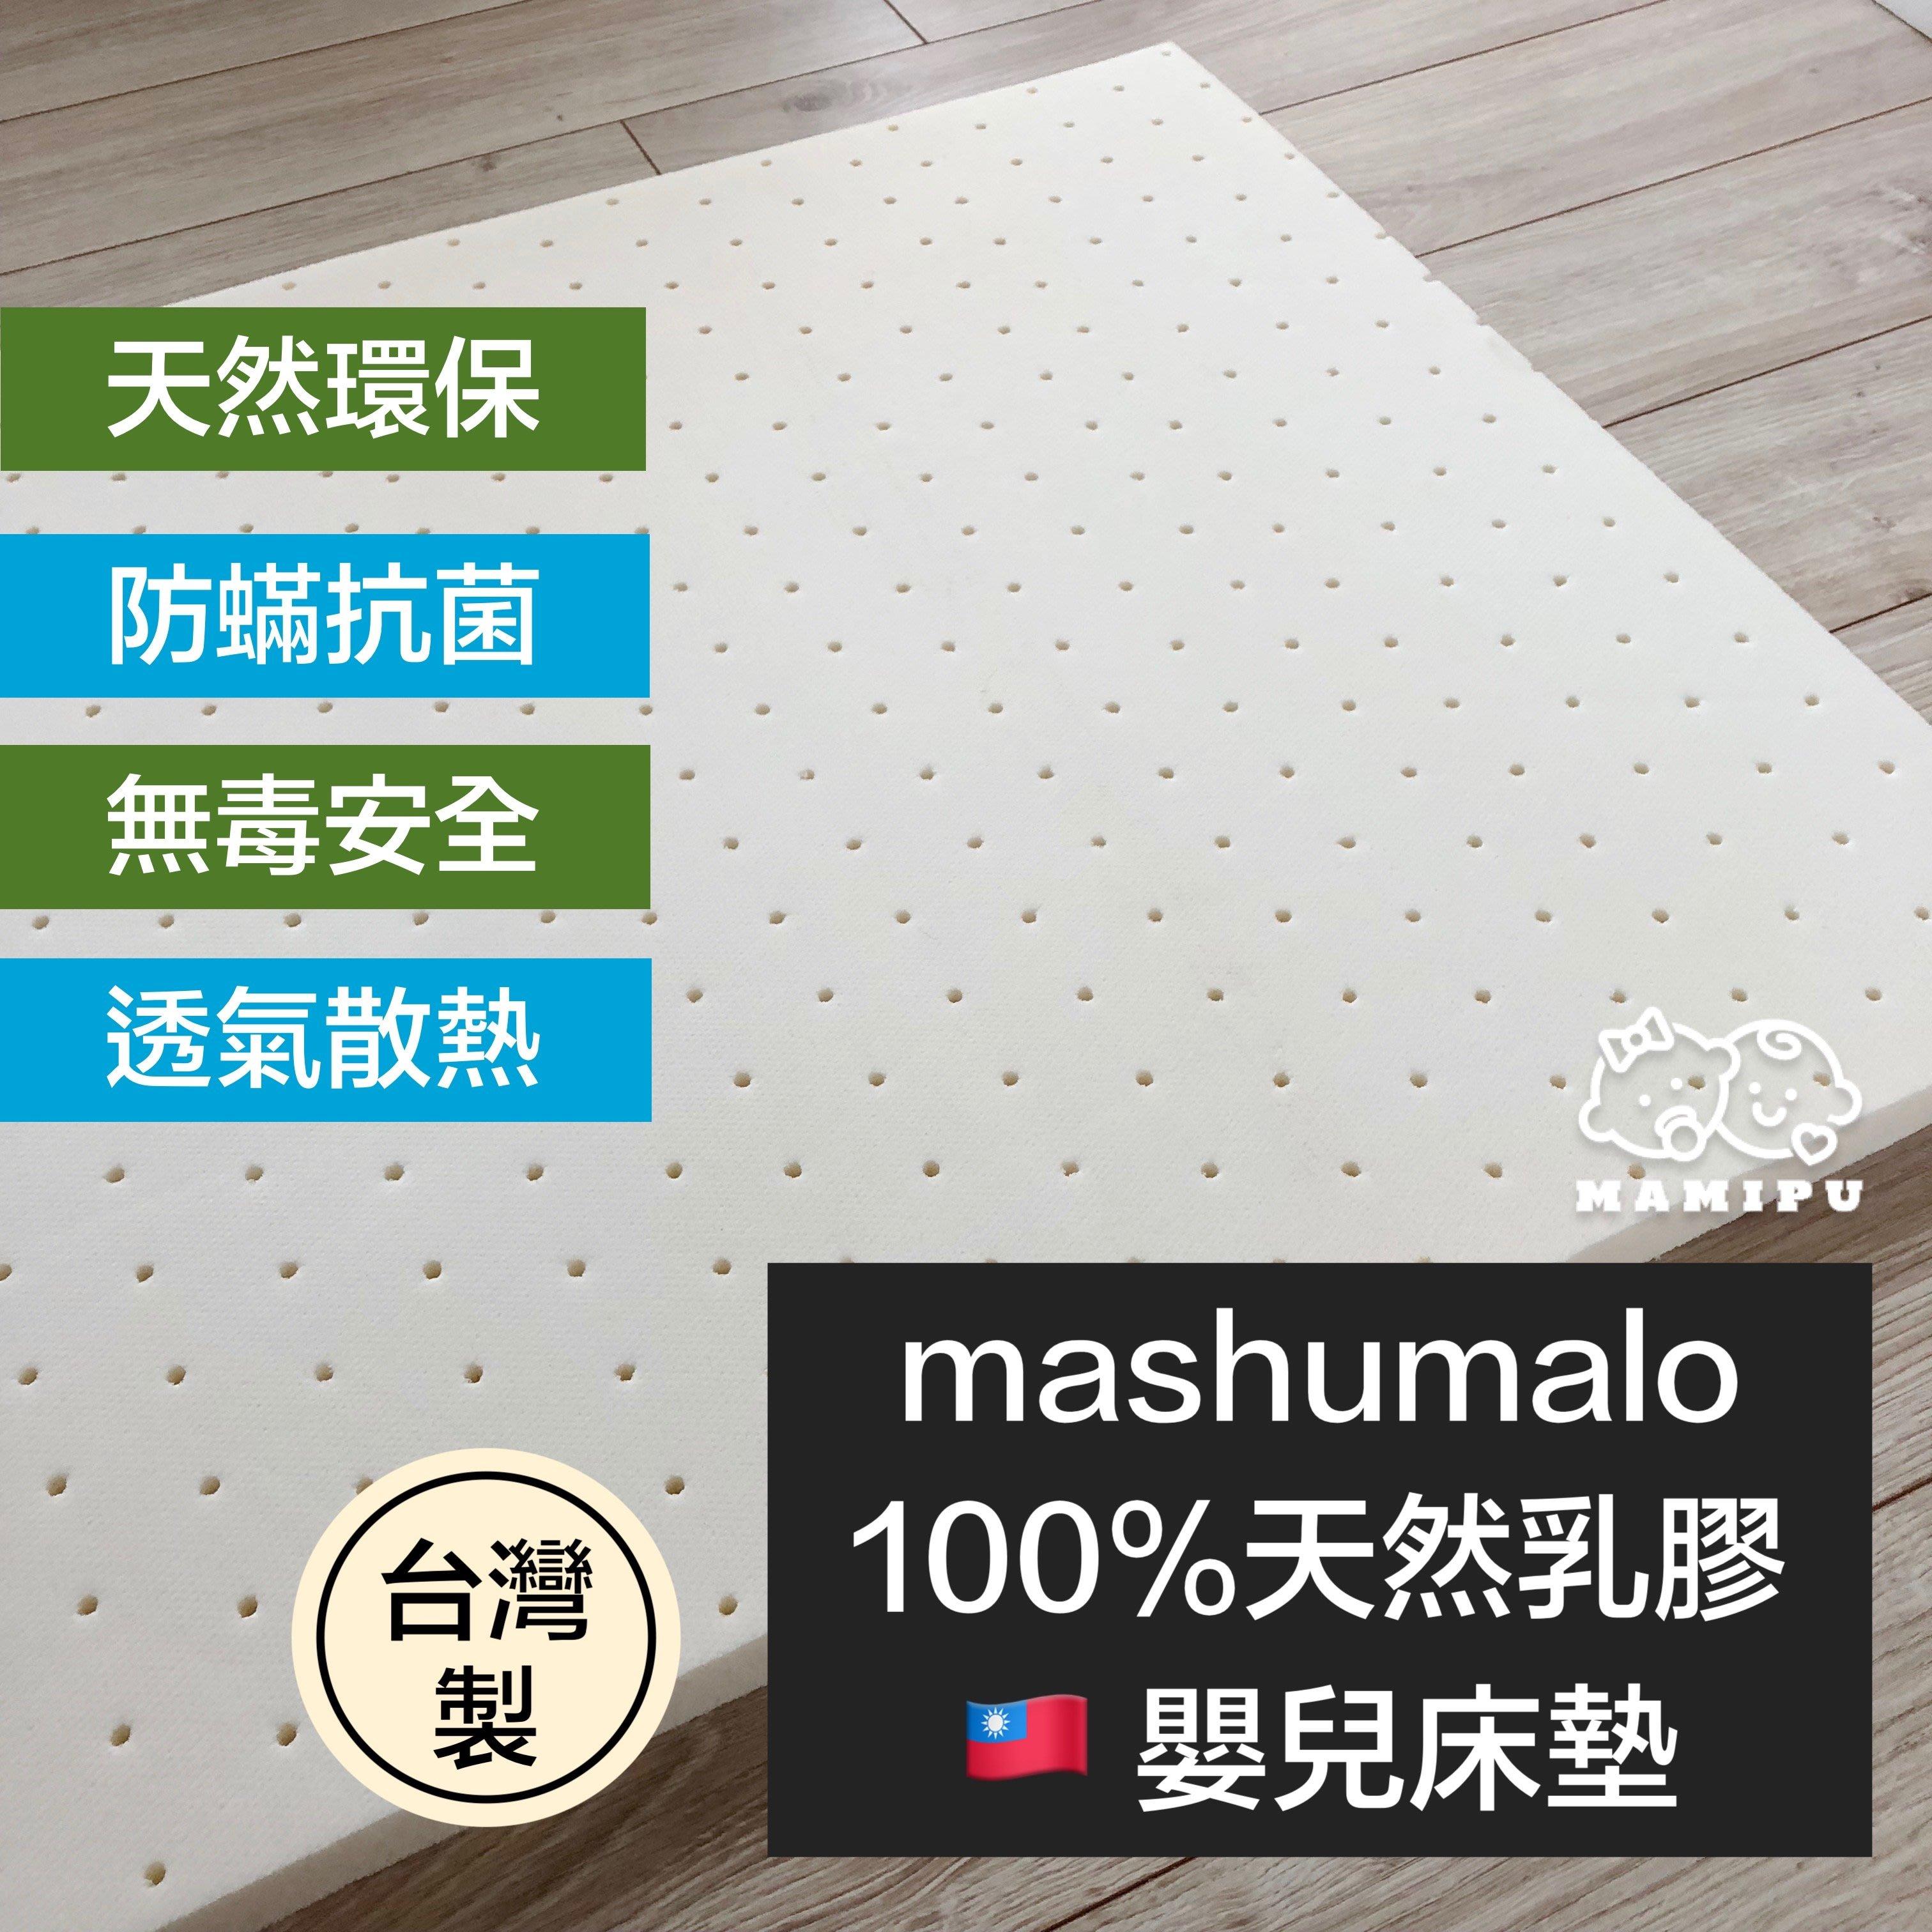 現貨*台灣製??100%天然乳膠床墊 嬰兒乳膠床墊 嬰兒乳膠床 嬰兒床專用 乳膠床墊 嬰兒床墊